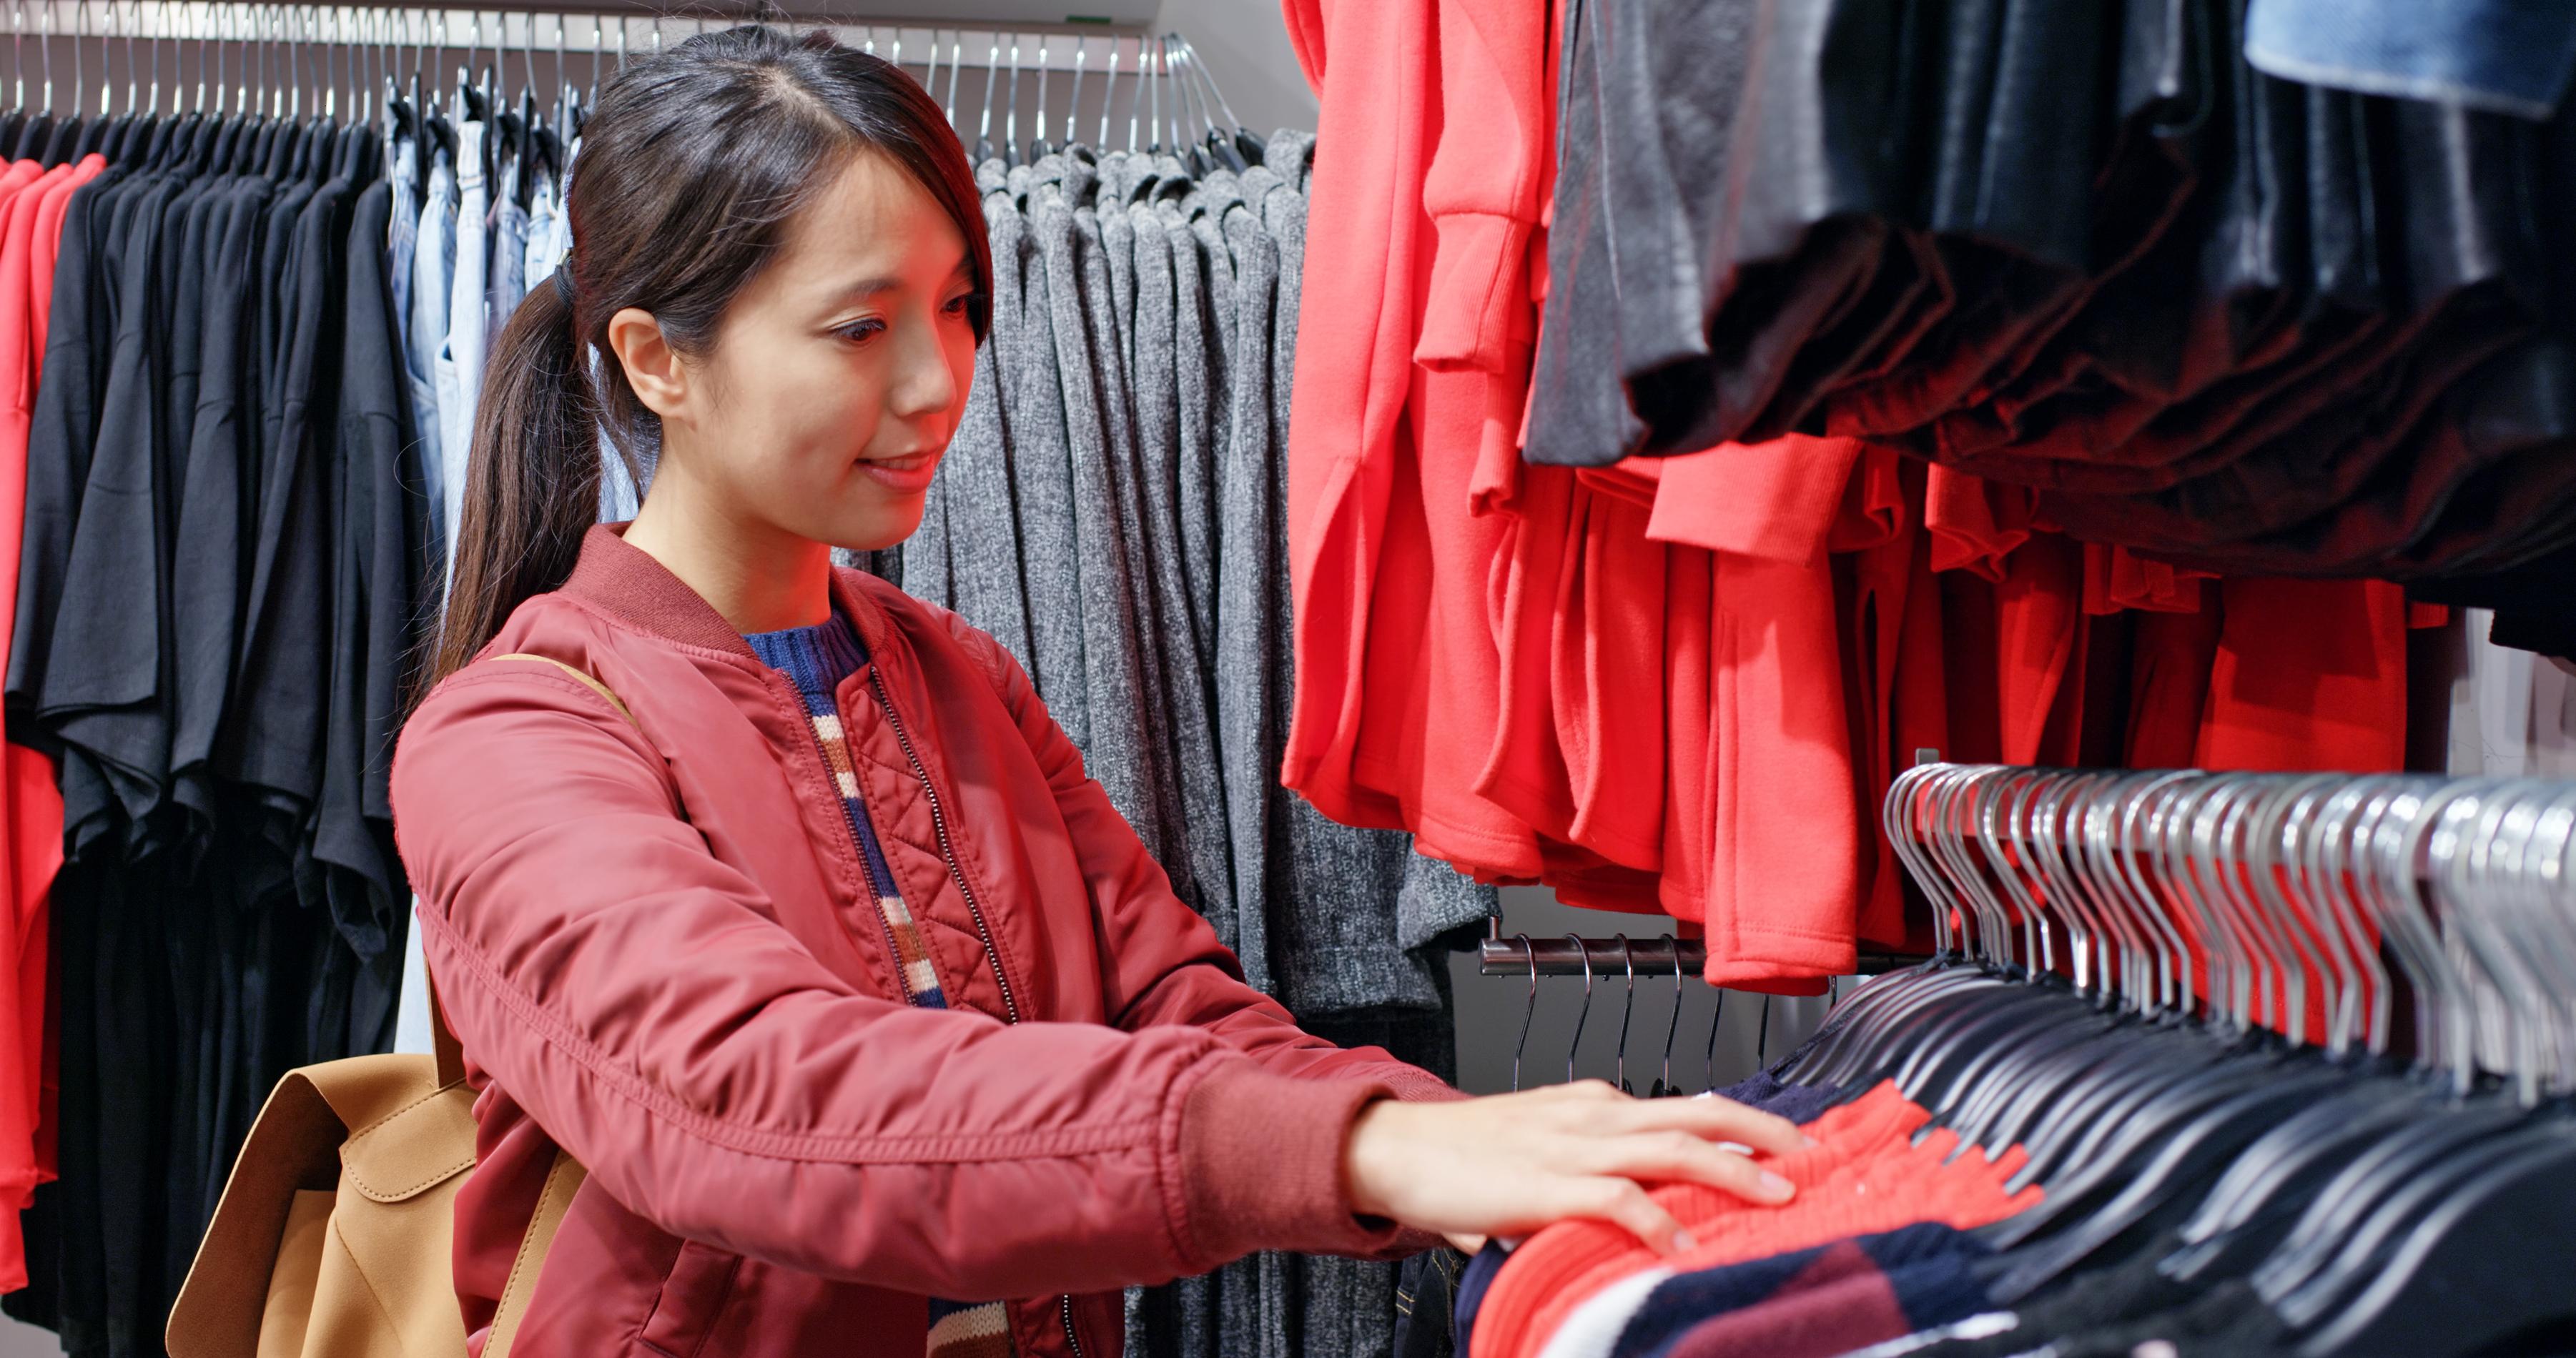 Seuil promo mode et accessoires